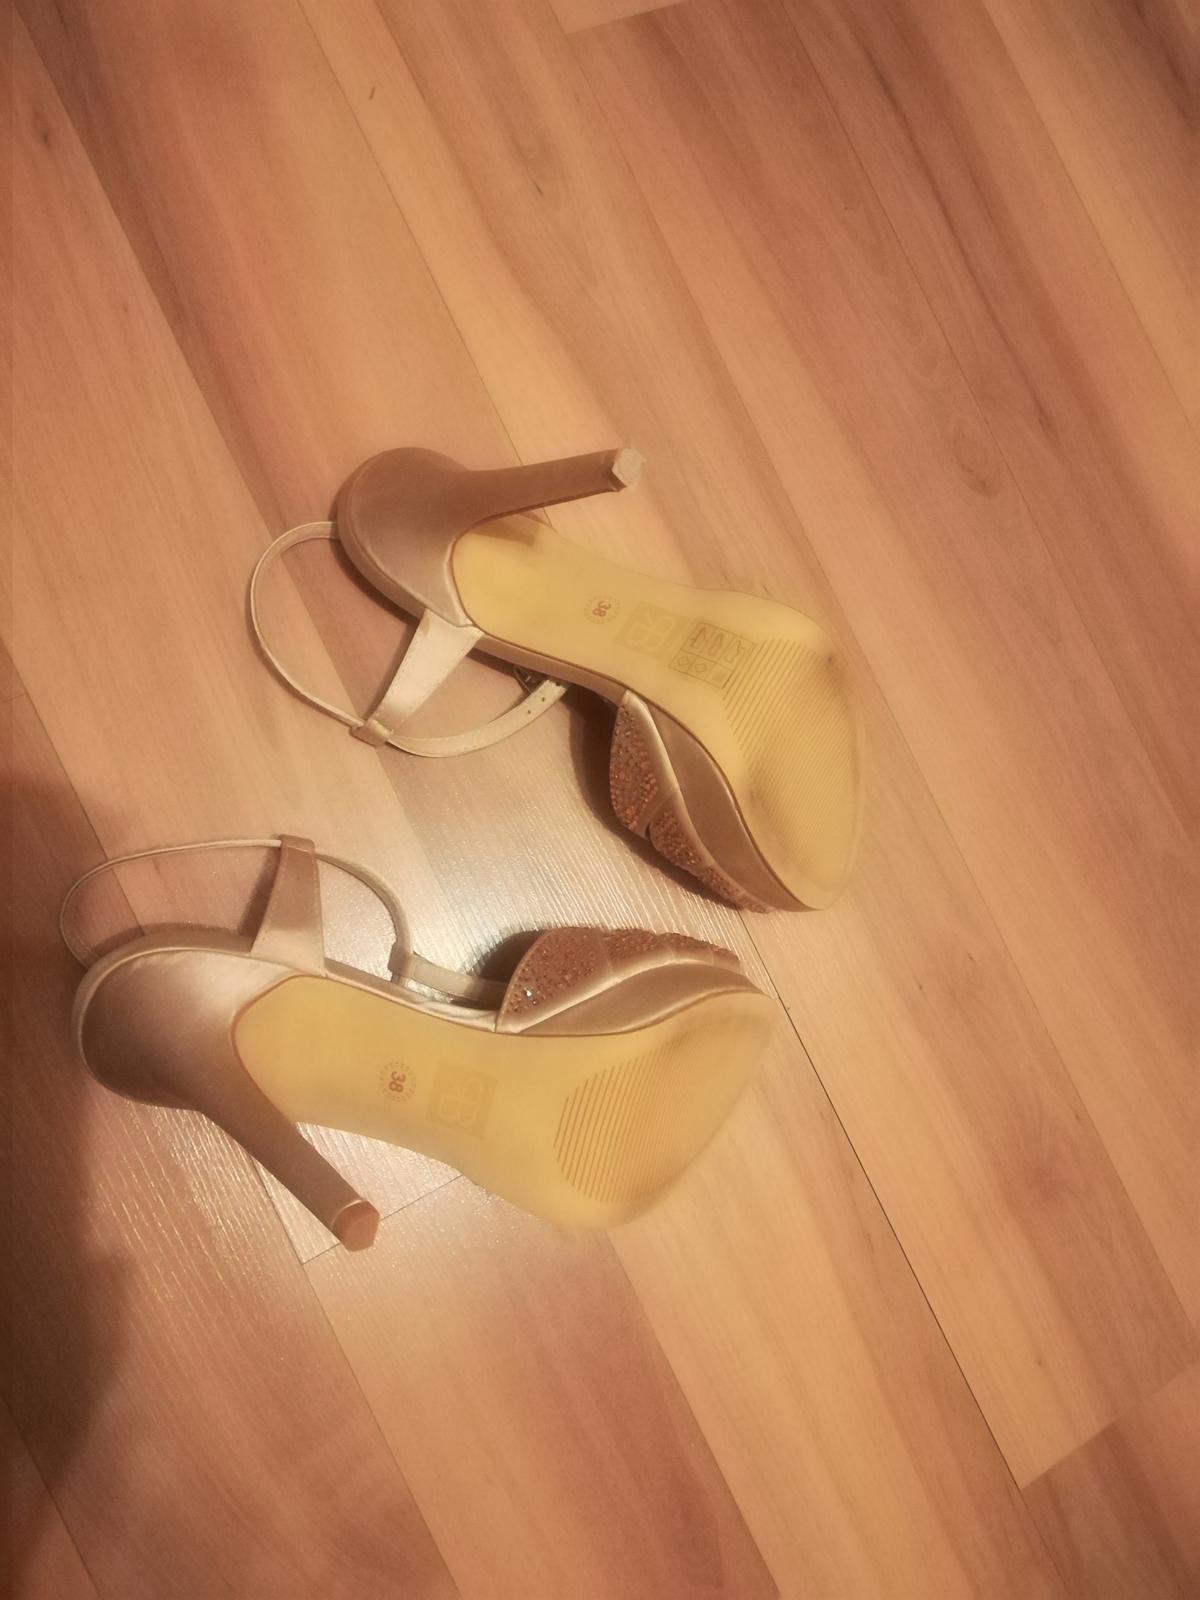 Kamienkove sandalky  - Obrázok č. 4